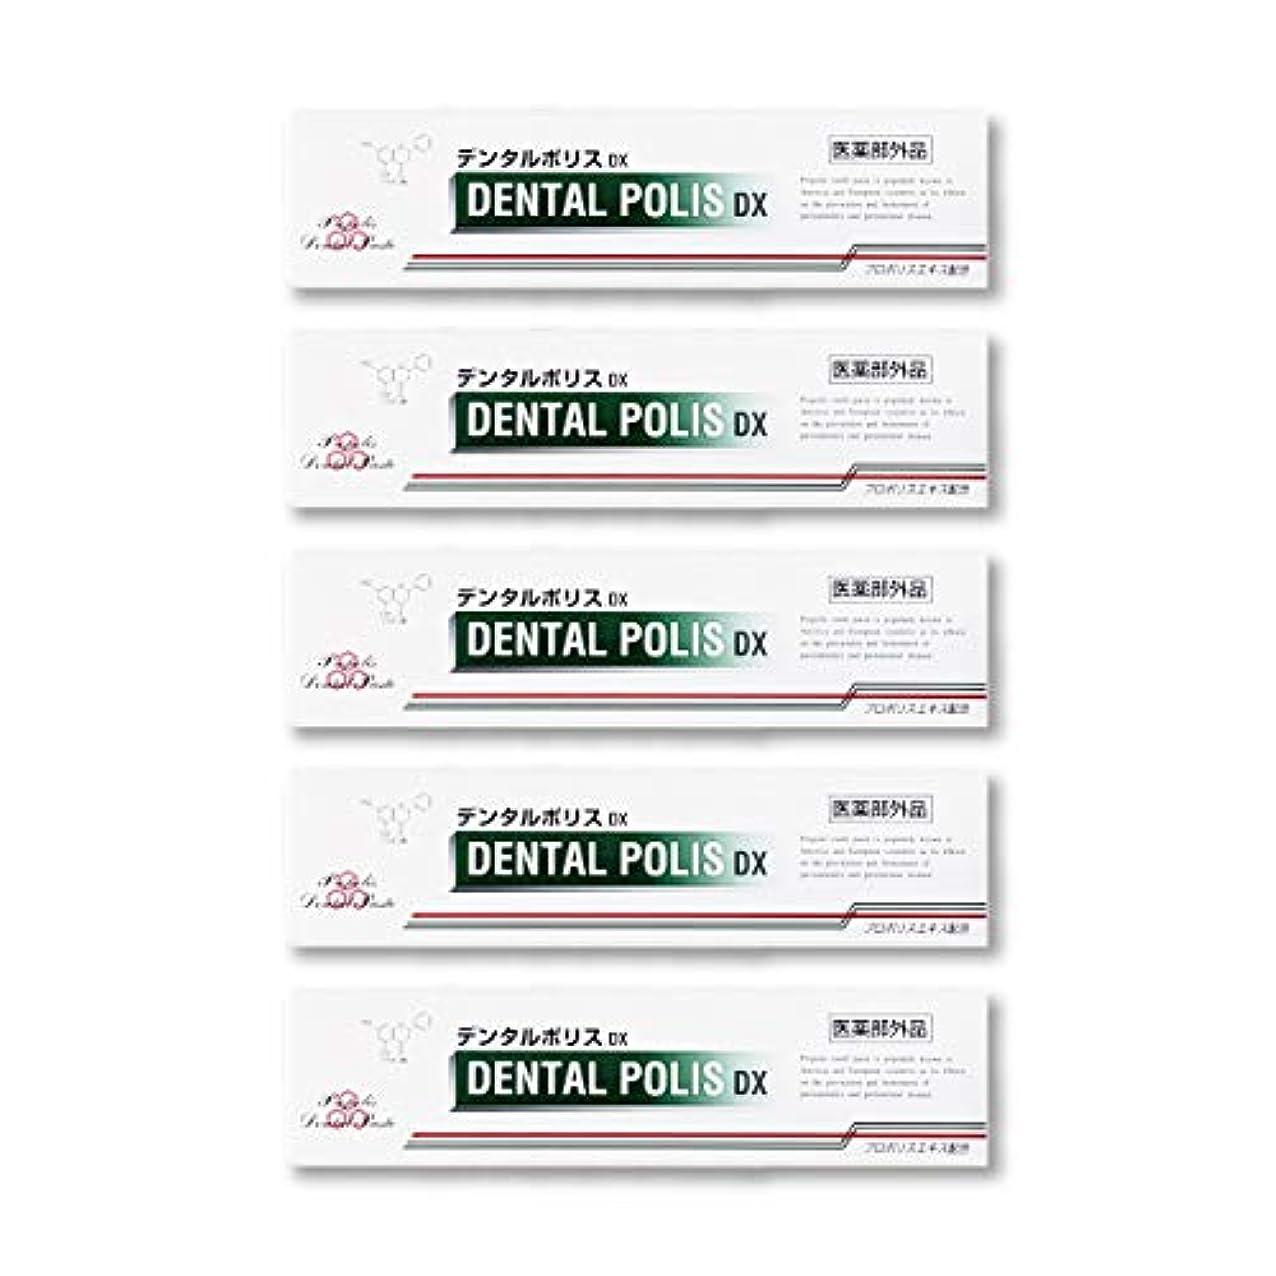 活性化命令平日デンタルポリスDX  80g   5本セット 医薬部外品  歯みがき